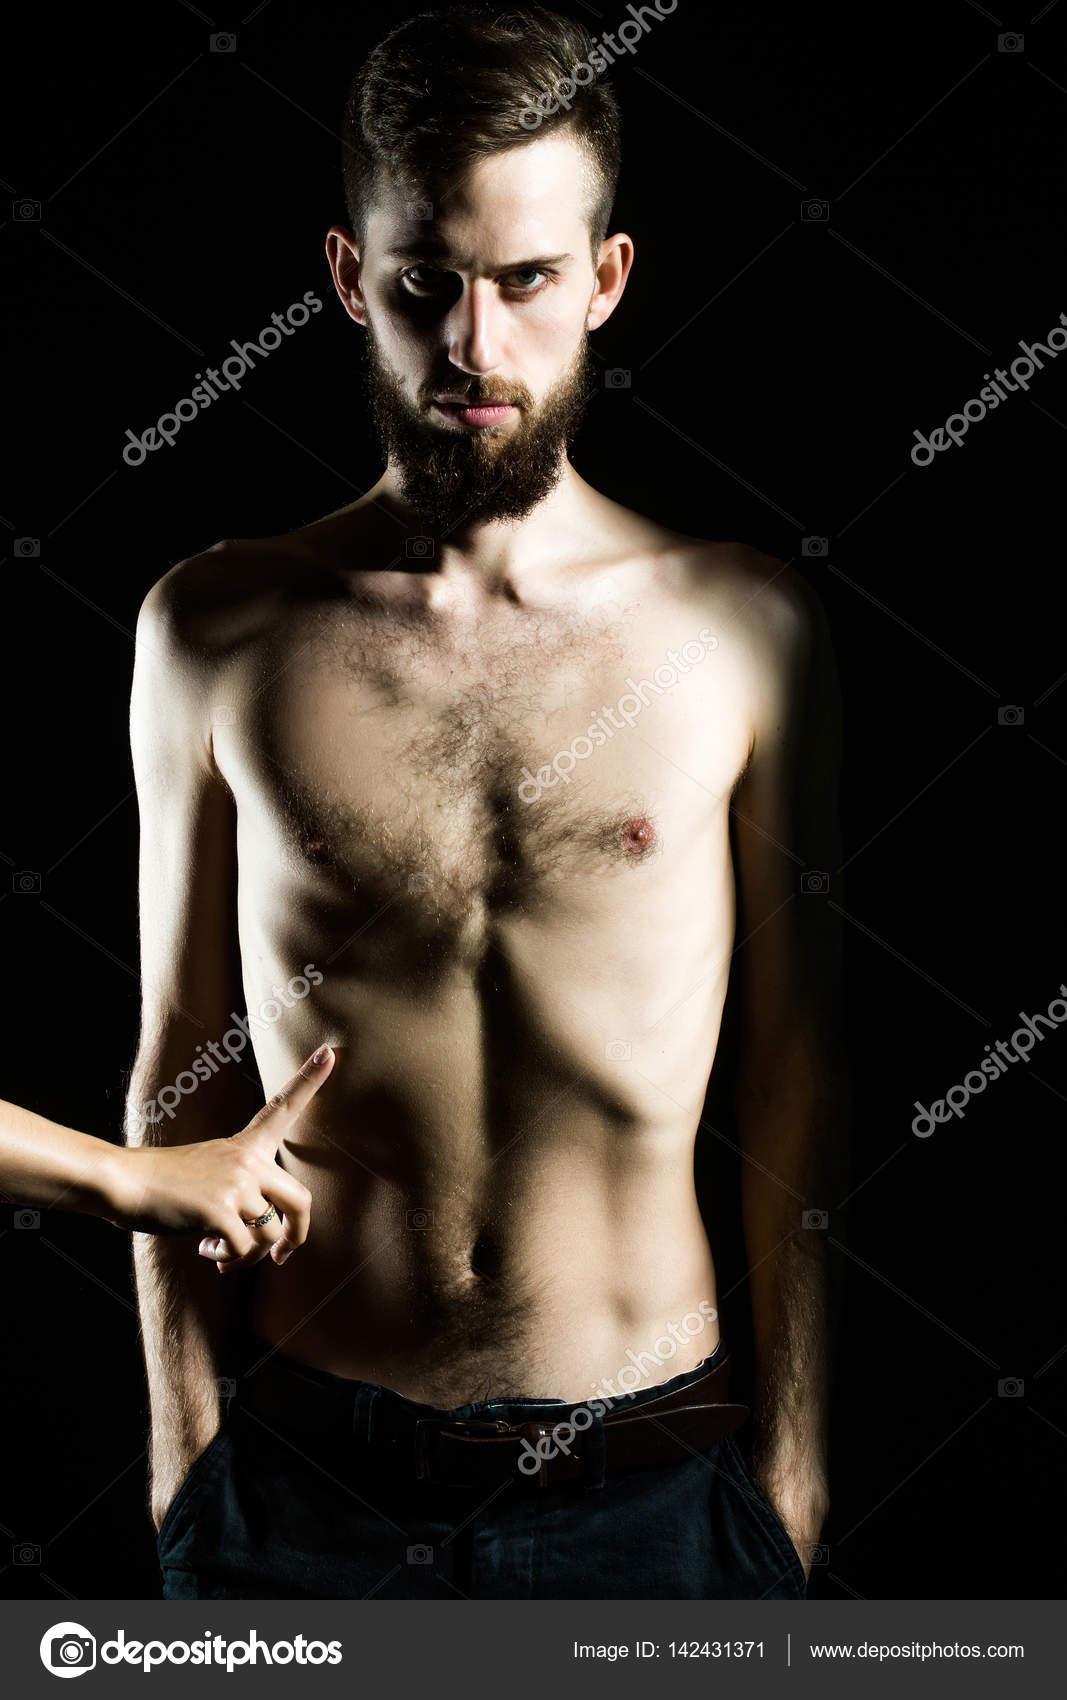 photo corps nu visage sur fond noir hot tchat